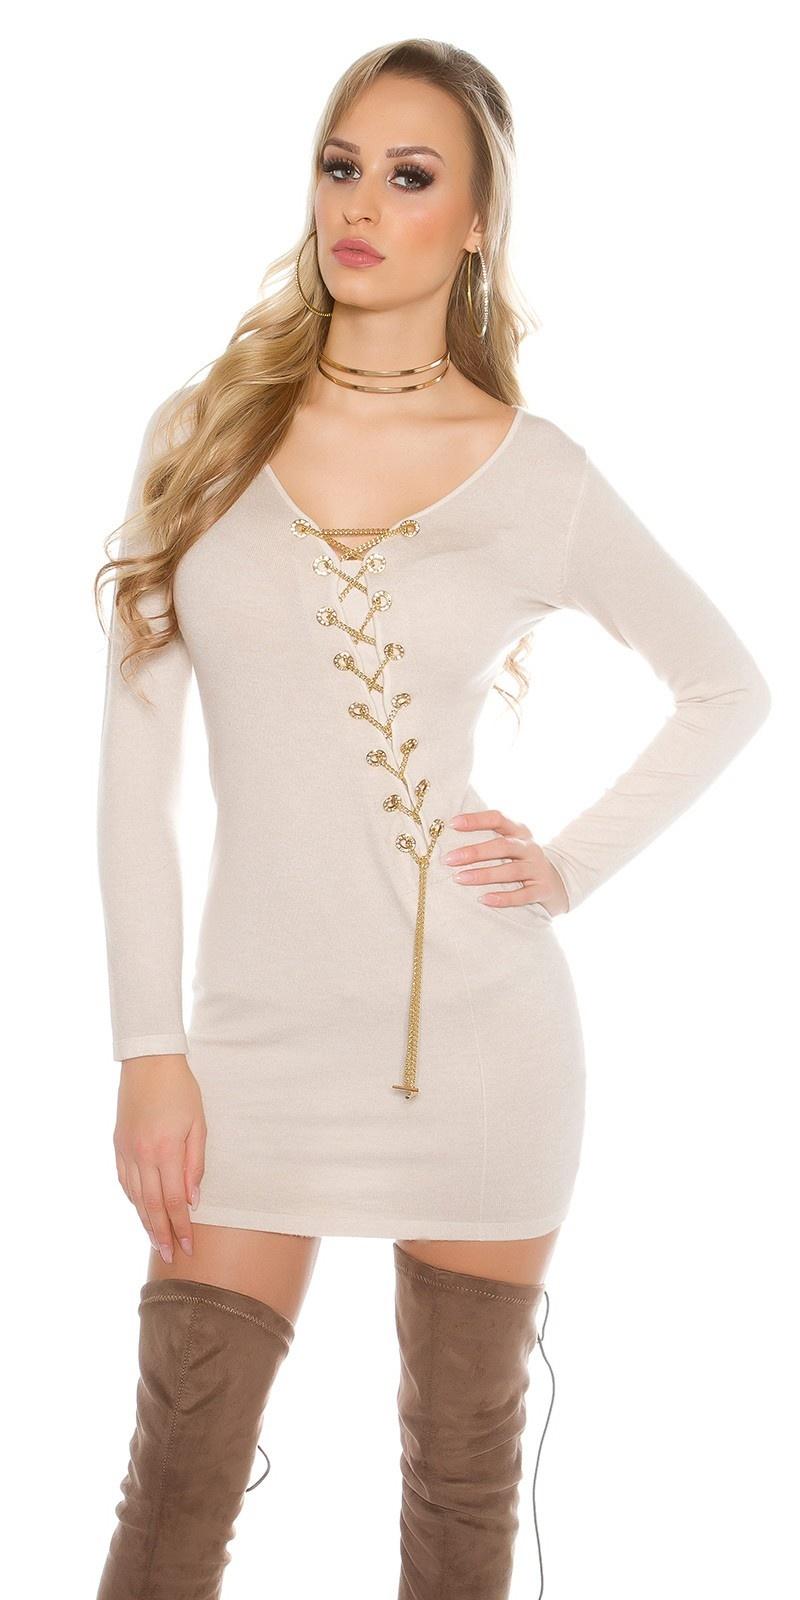 Gebreide jurk met decoratieve ketting beige